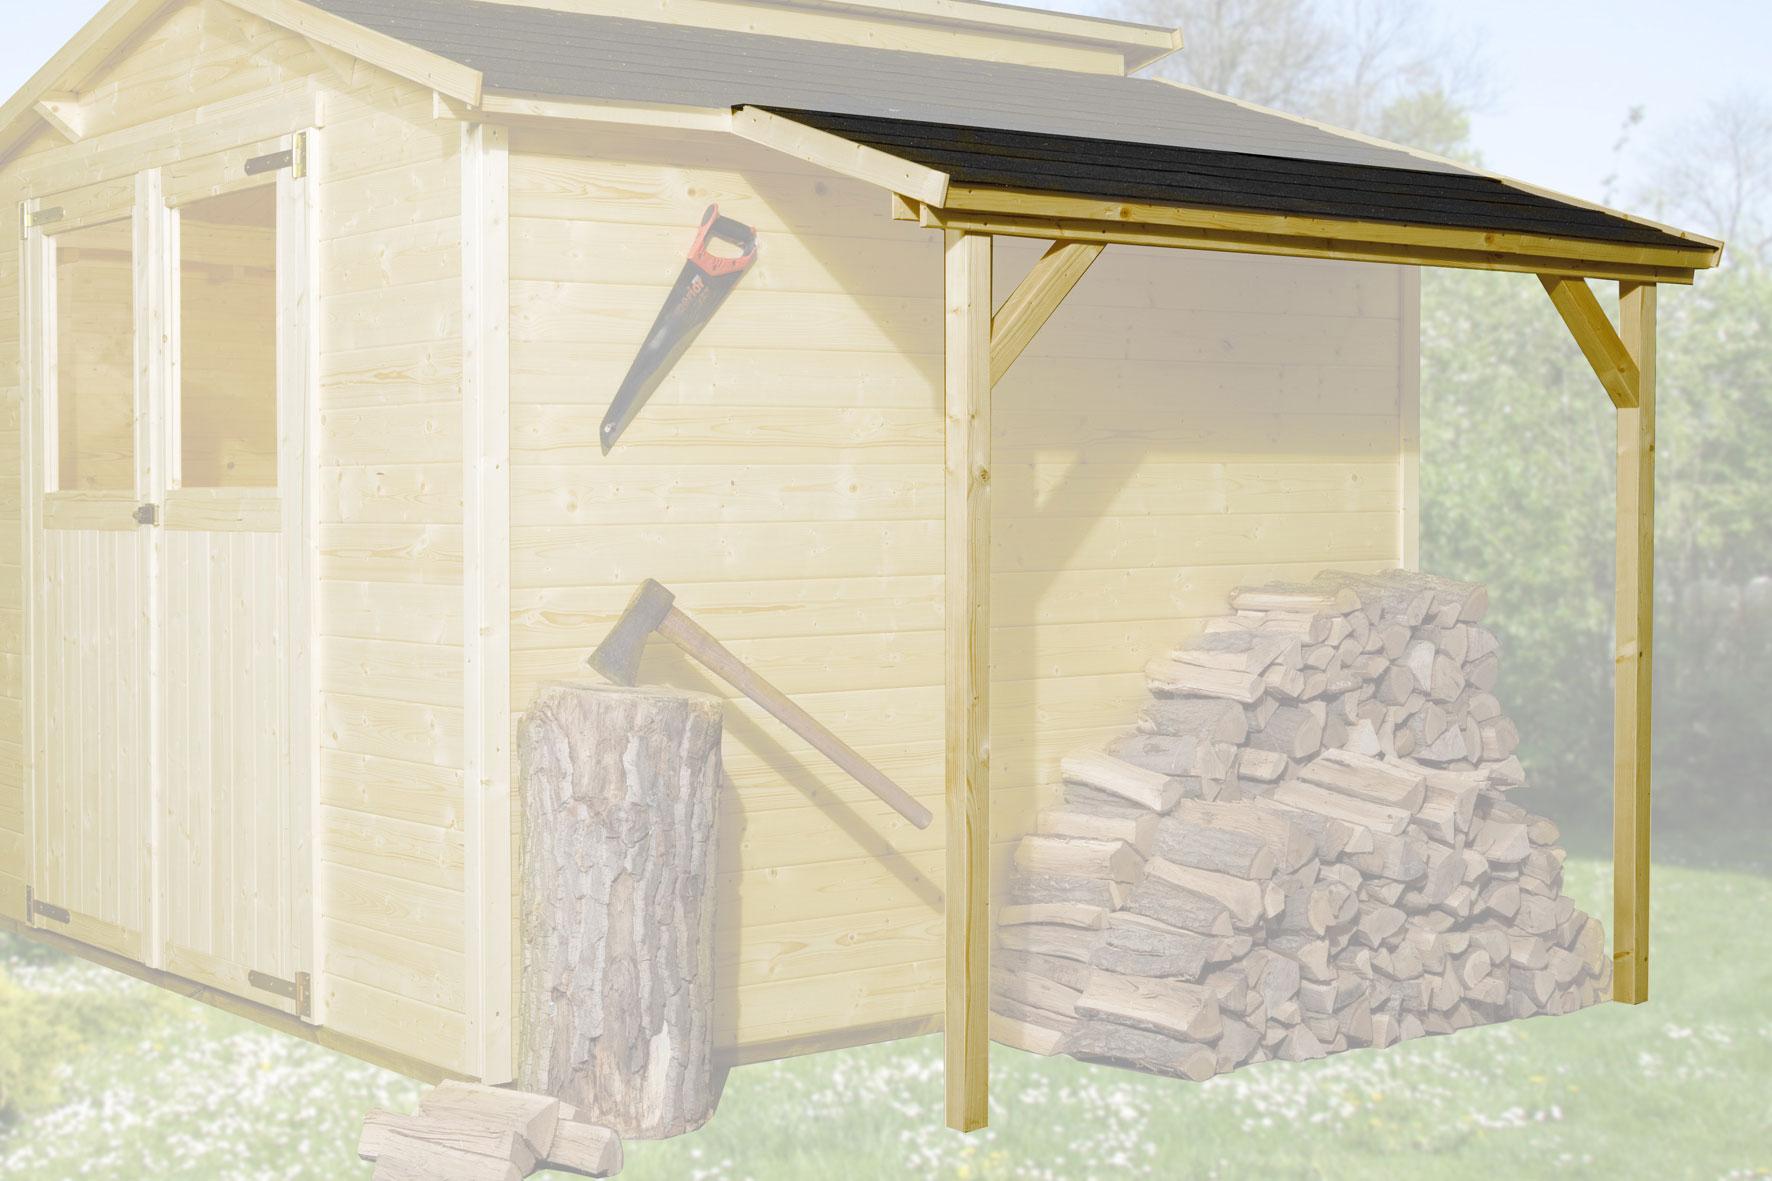 Schleppdach zu Weka Gartenhaus 19 - 21 mm 80x200cm lasiert Bild 1